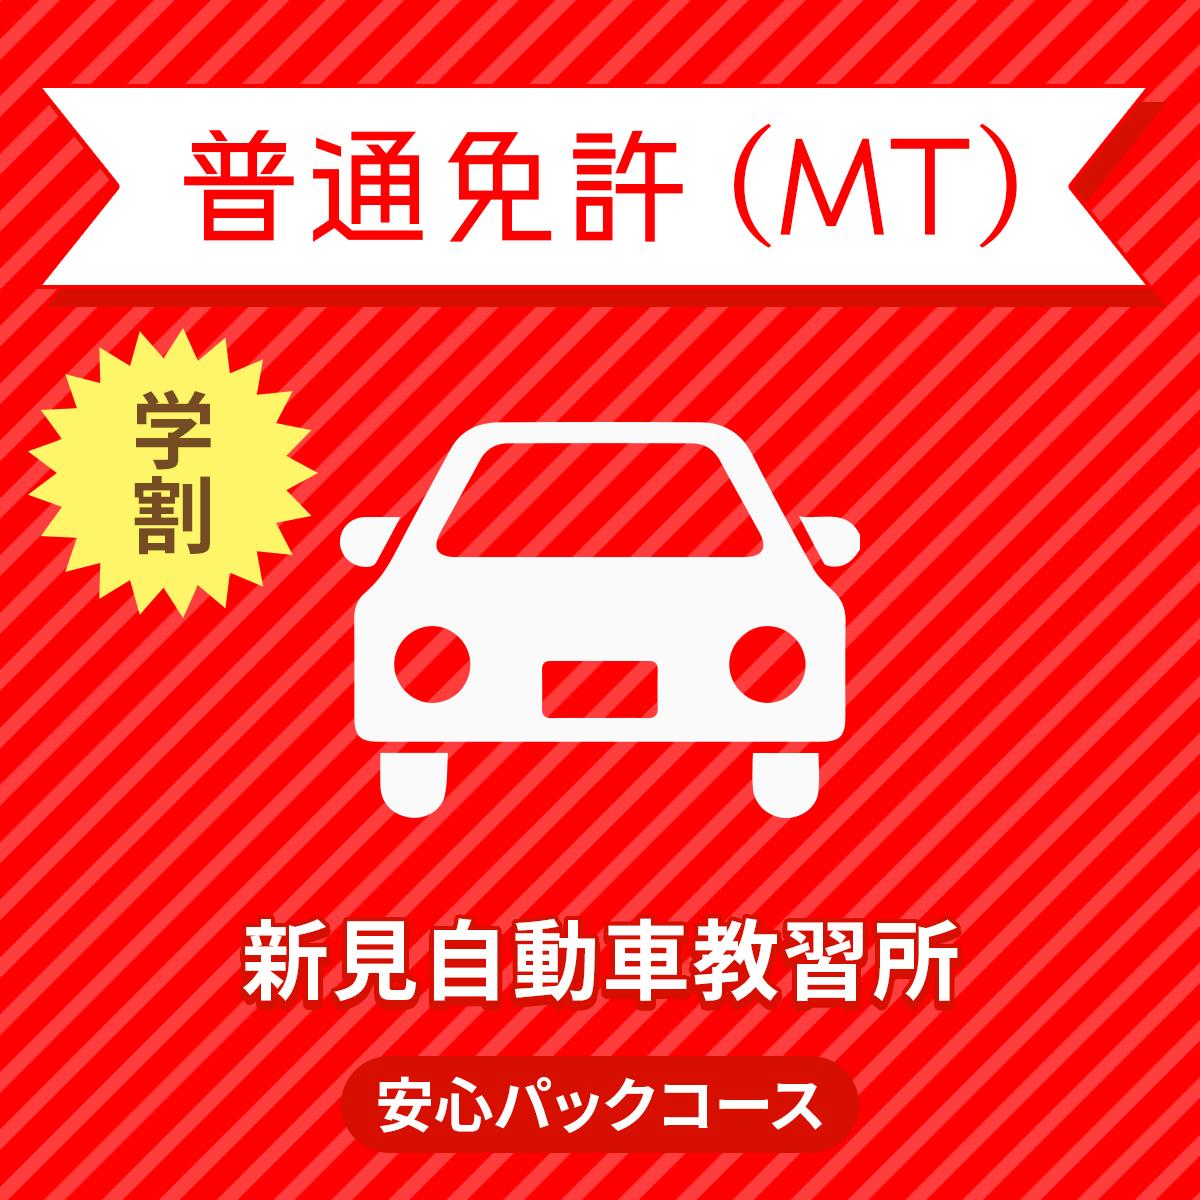 【岡山県新見市】普通車MT安心パックコース(学生料金)<免許なし/原付免許所持対象>